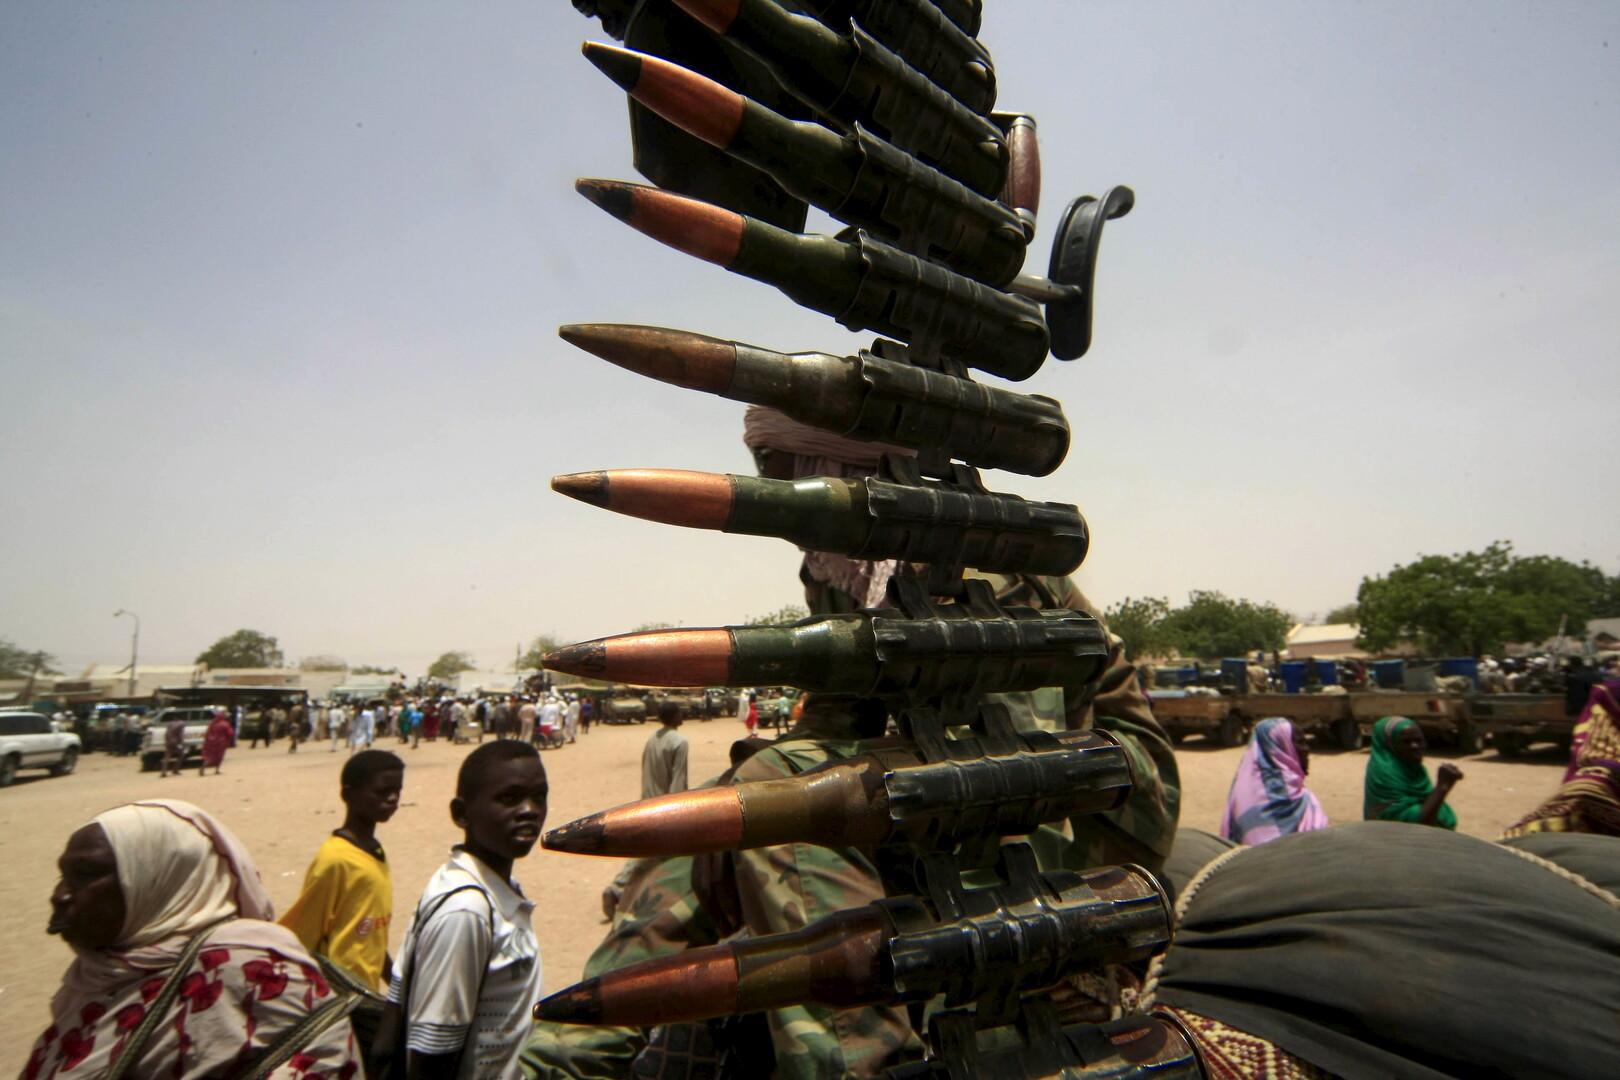 المجلس السيادي السوداني يبدأ لقاءات غير رسمية لبحث عملية السلام